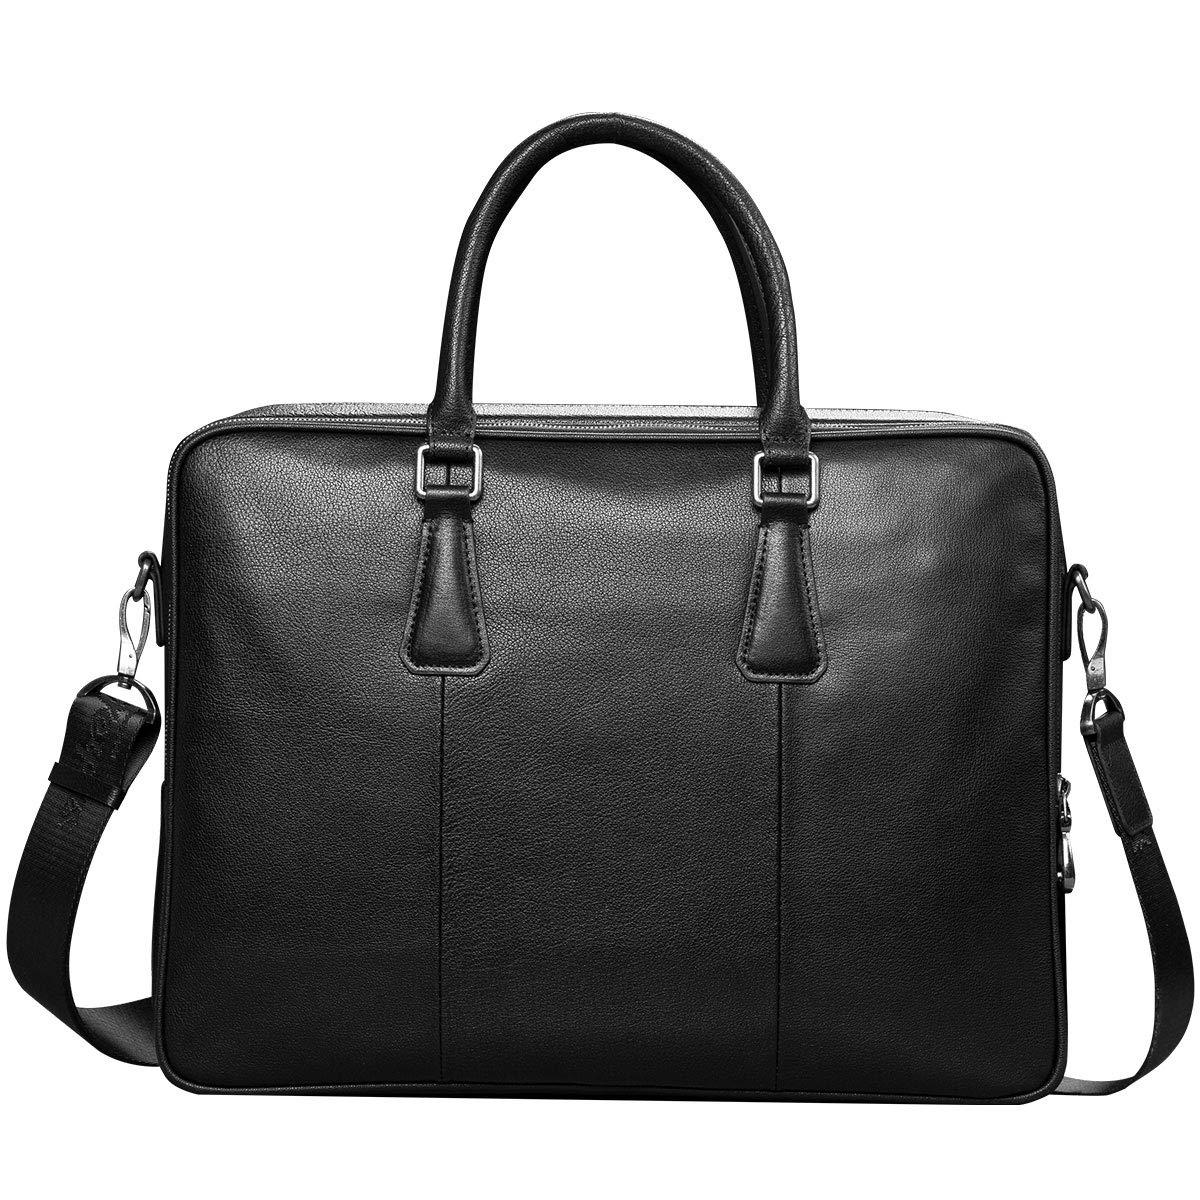 MINIBA ビジネスバッグ メンズ ブリーフケース 紳士用 柔らかい本革レザー 14インチPC収納 通学 通勤 出張鞄 A4書類鞄 ブラック B07M8M1KQZ